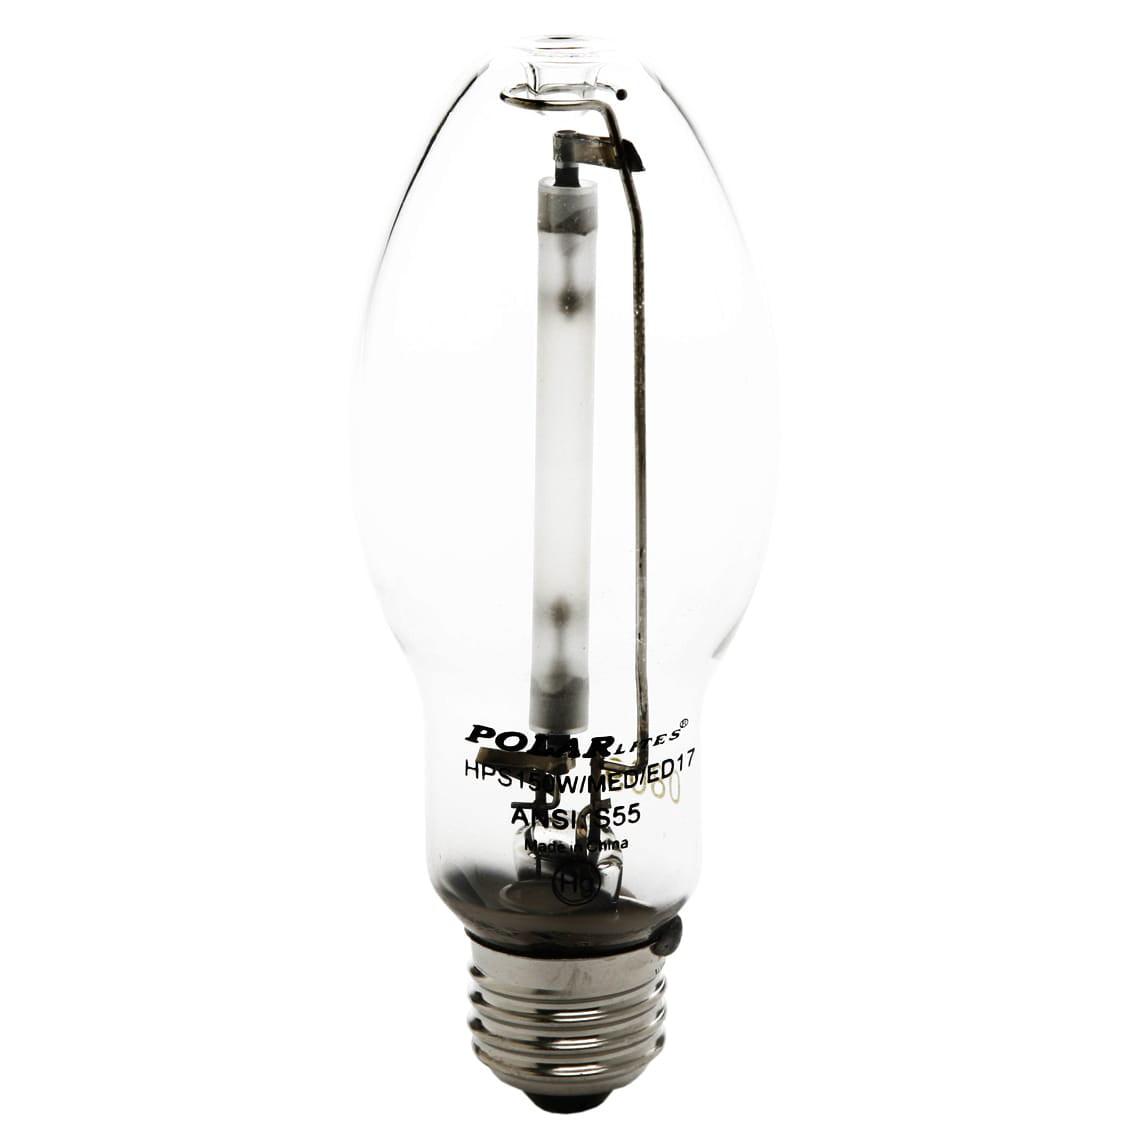 86573 10 WATT LIGHT BULB FOR DACOR MICROWAVE